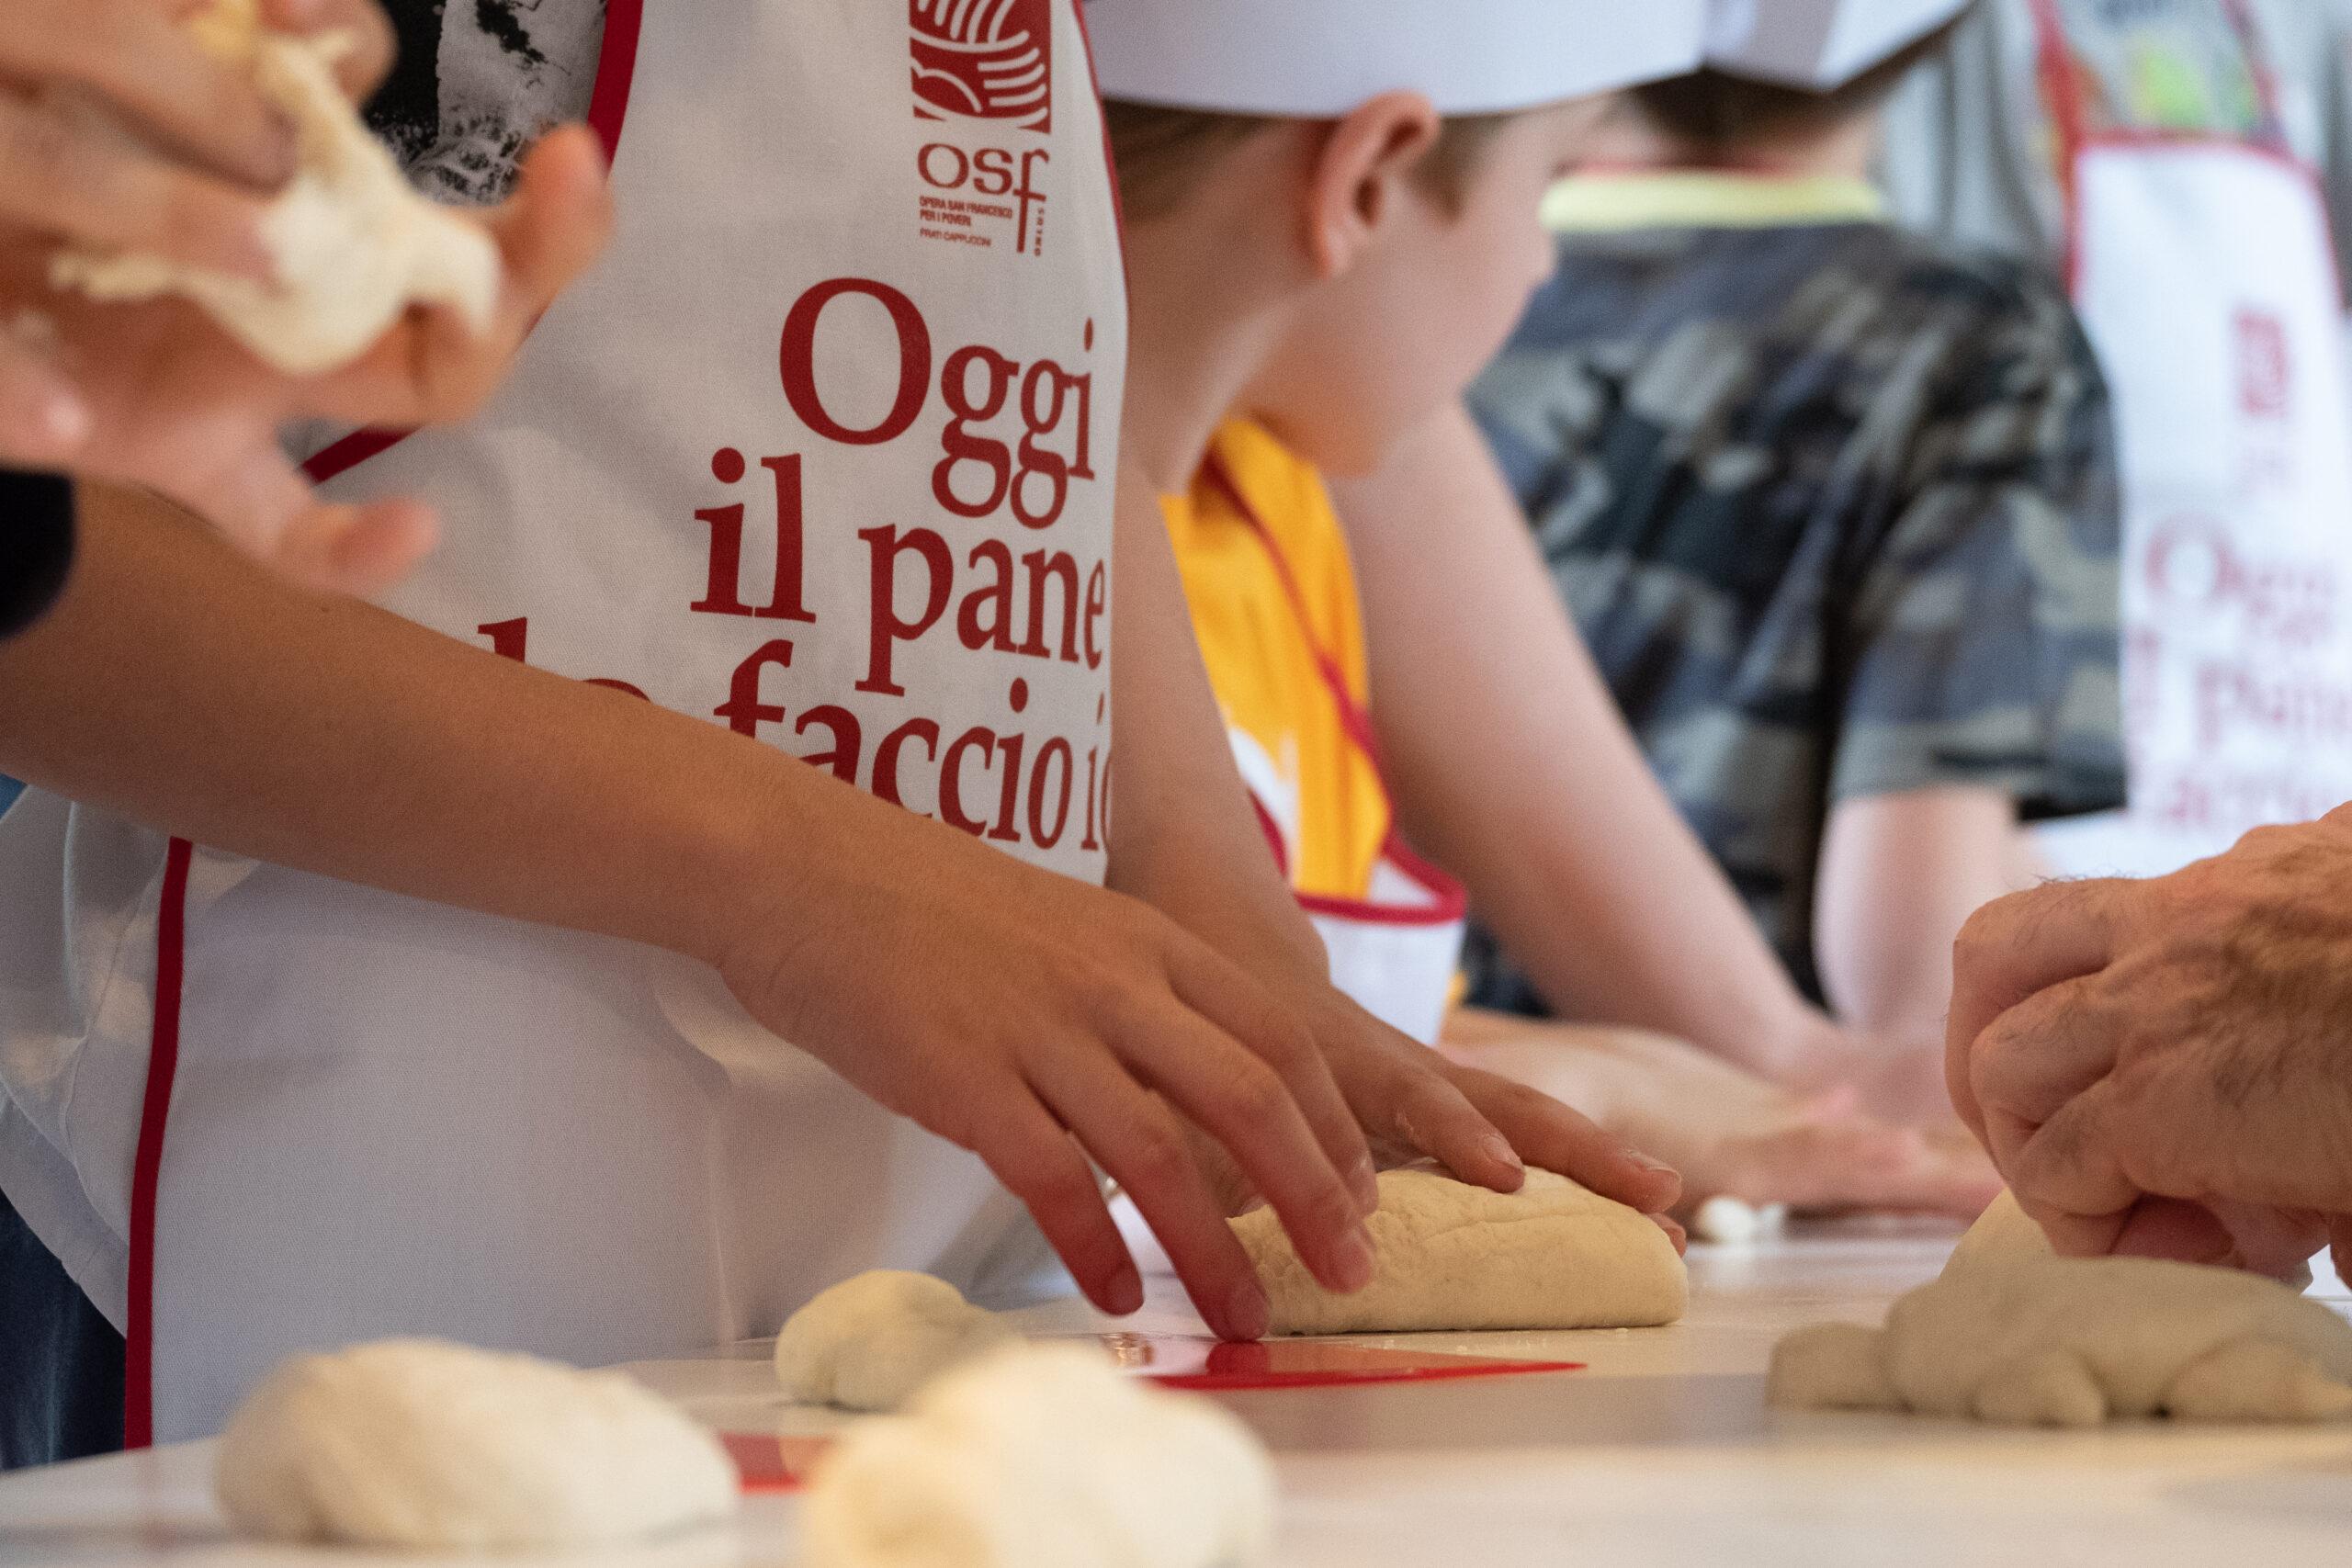 Mani in pasta nei laboratori del pane | OSF